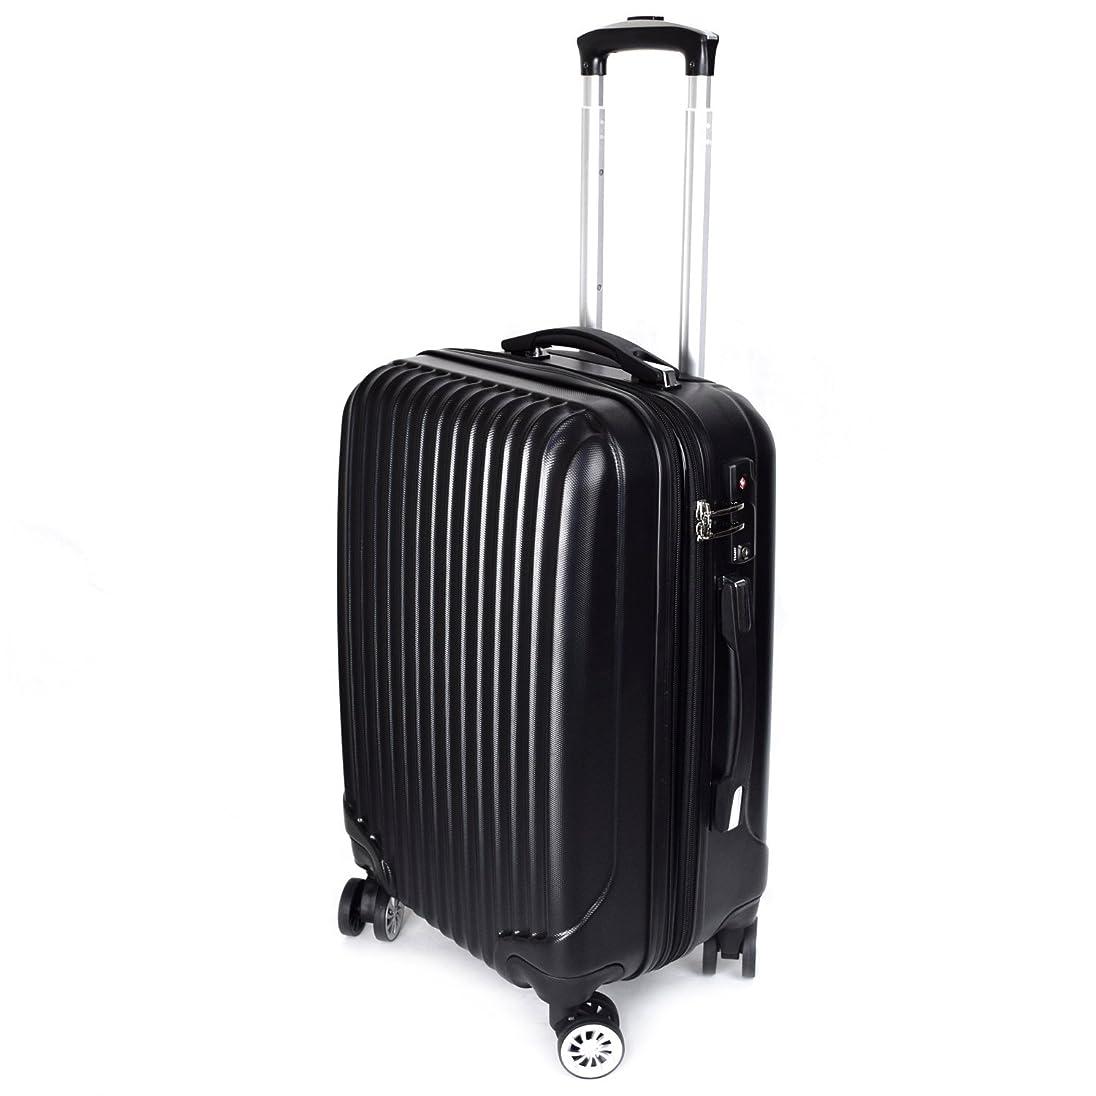 予感抑制する防止【神戸リベラル】 LIBERAL 軽量 拡張ファスナー付き S,M,L スーツケース キャリーバッグ キャリーケース 8輪キャスター TSAロック付き